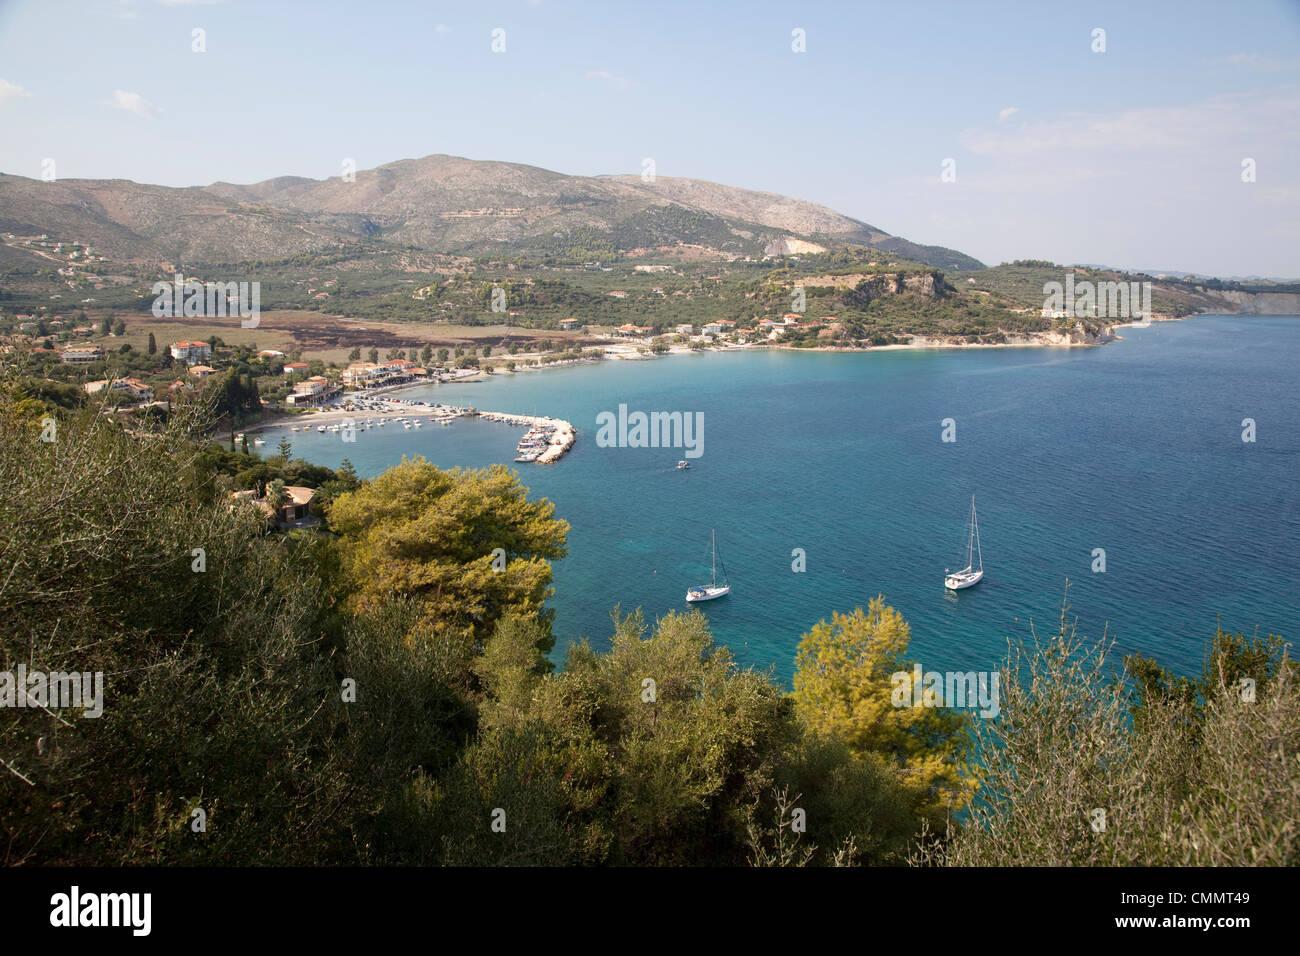 Keri Peninsula, Zakynthos, Ionian Islands, Greek Islands, Greece, Europe - Stock Image